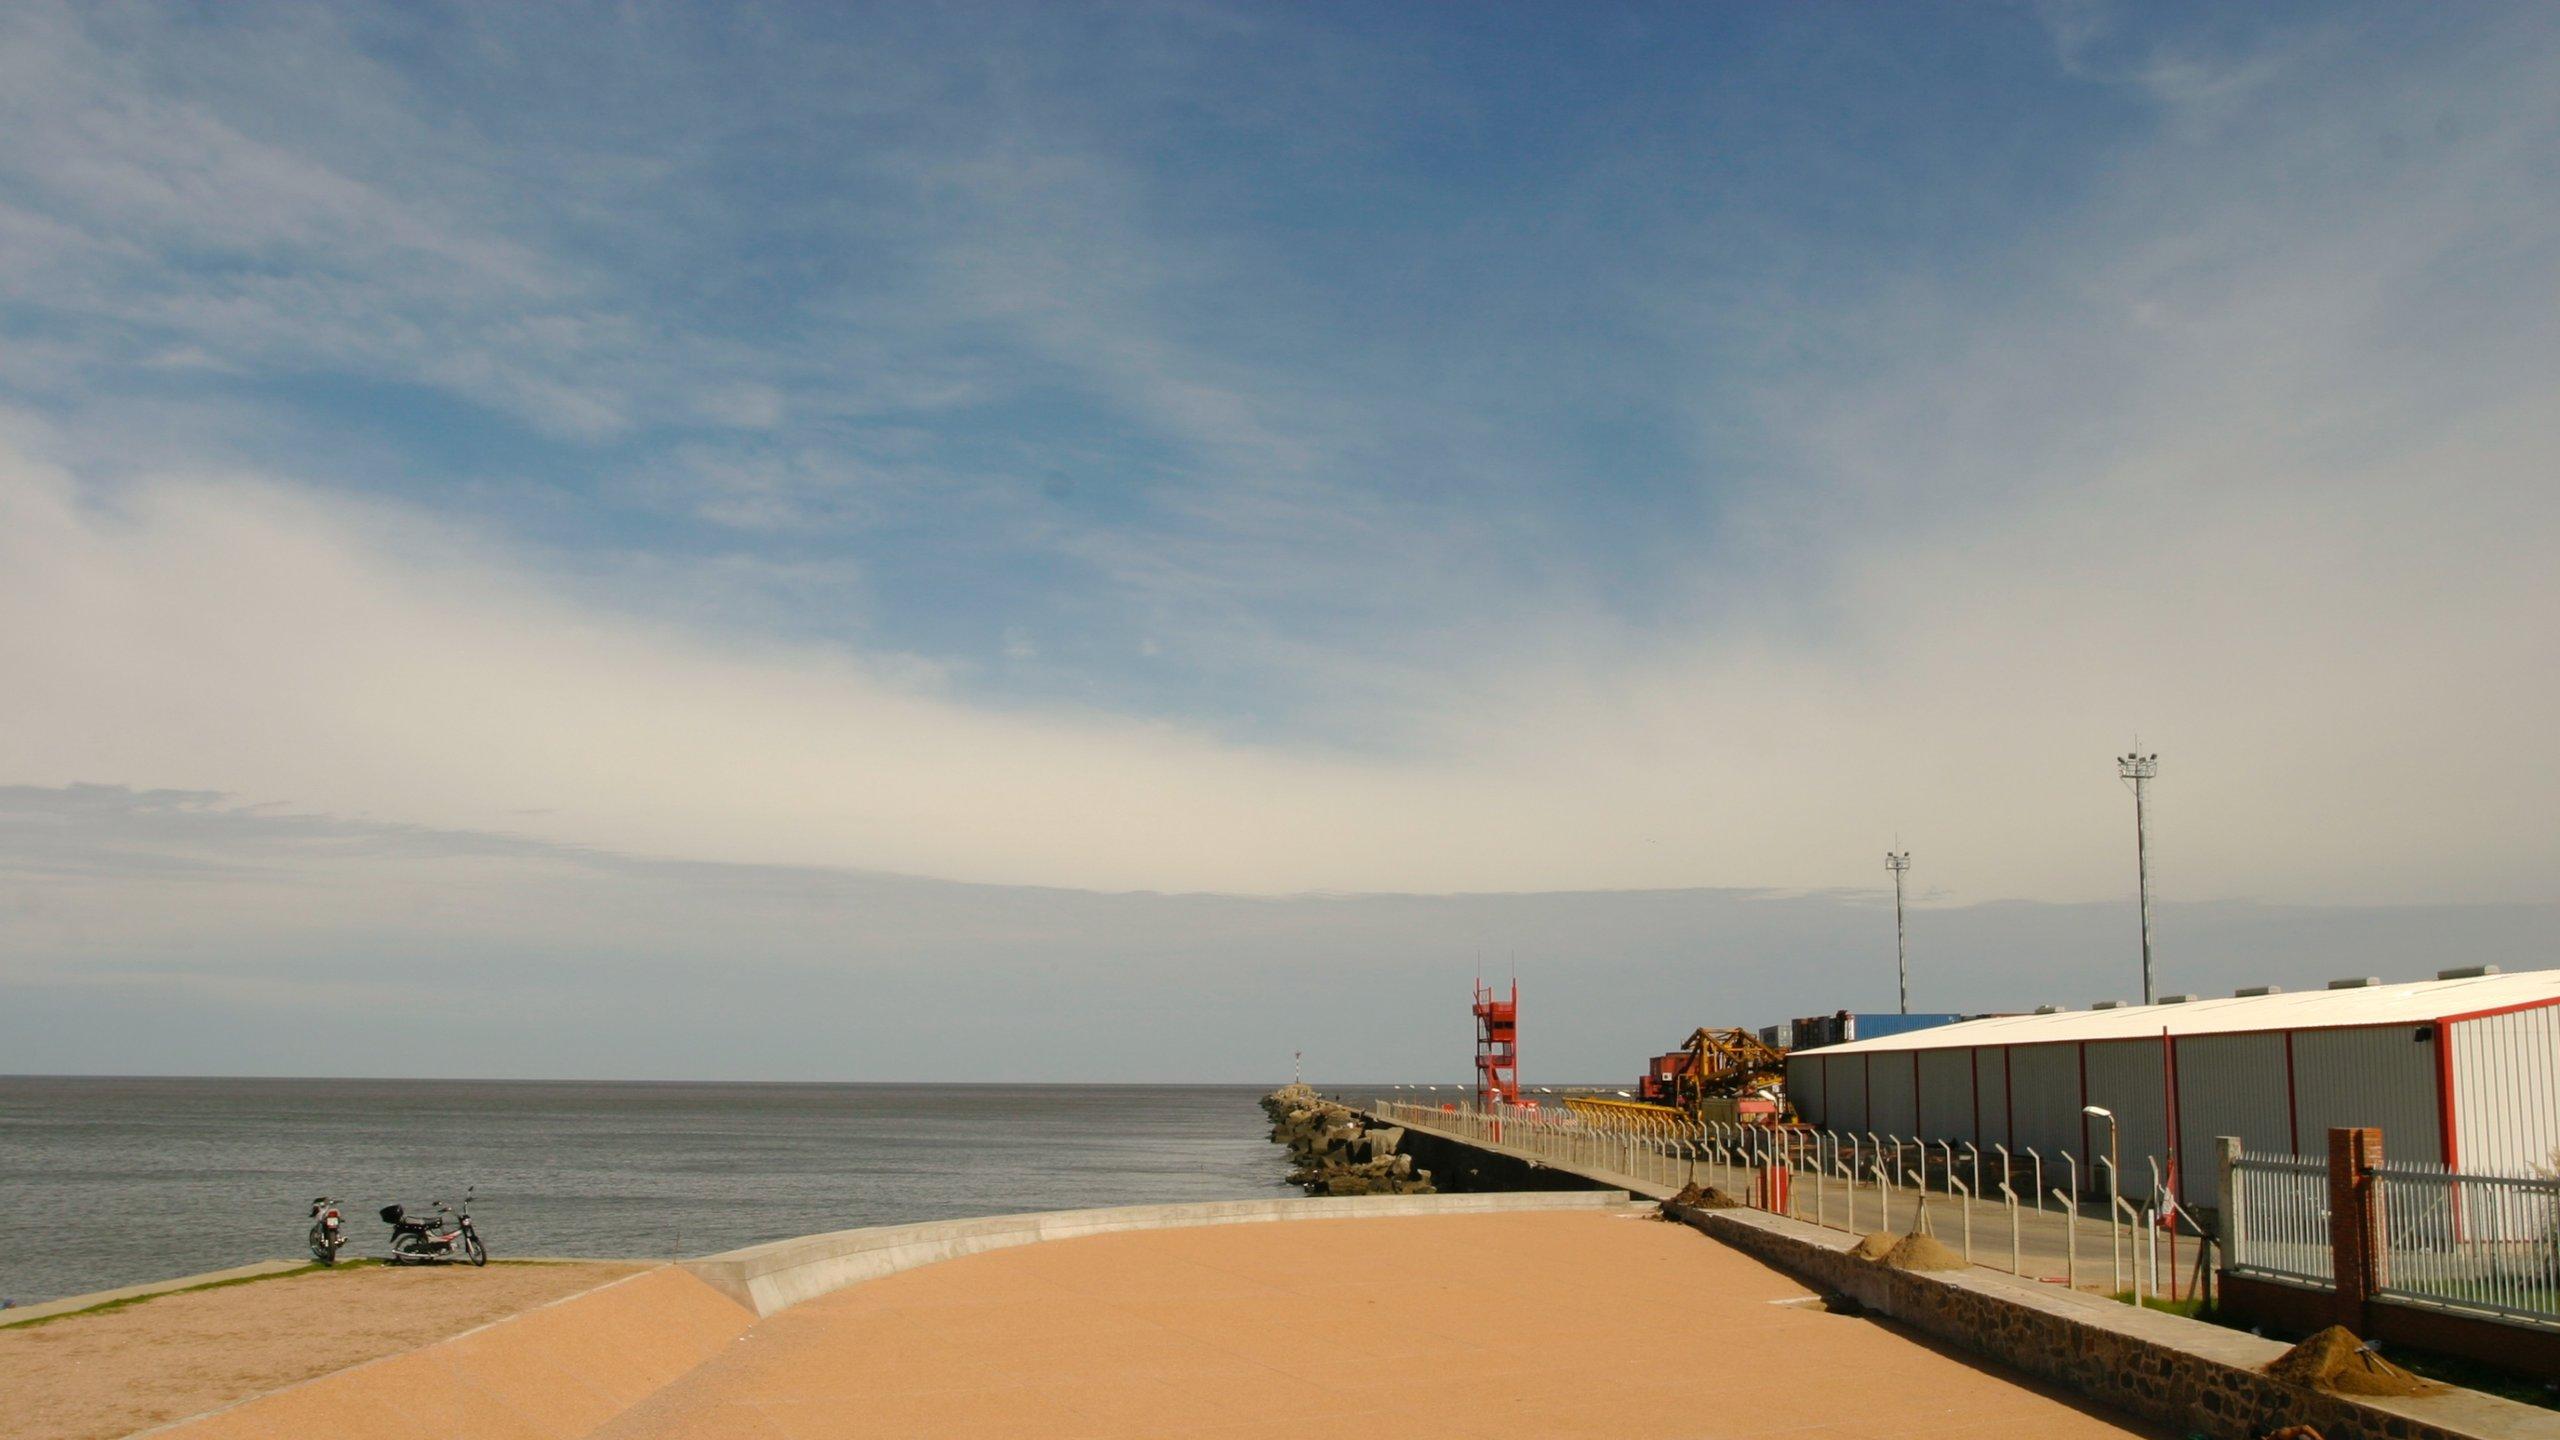 Peninsula, Punta del Este, Maldonado, Uruguay